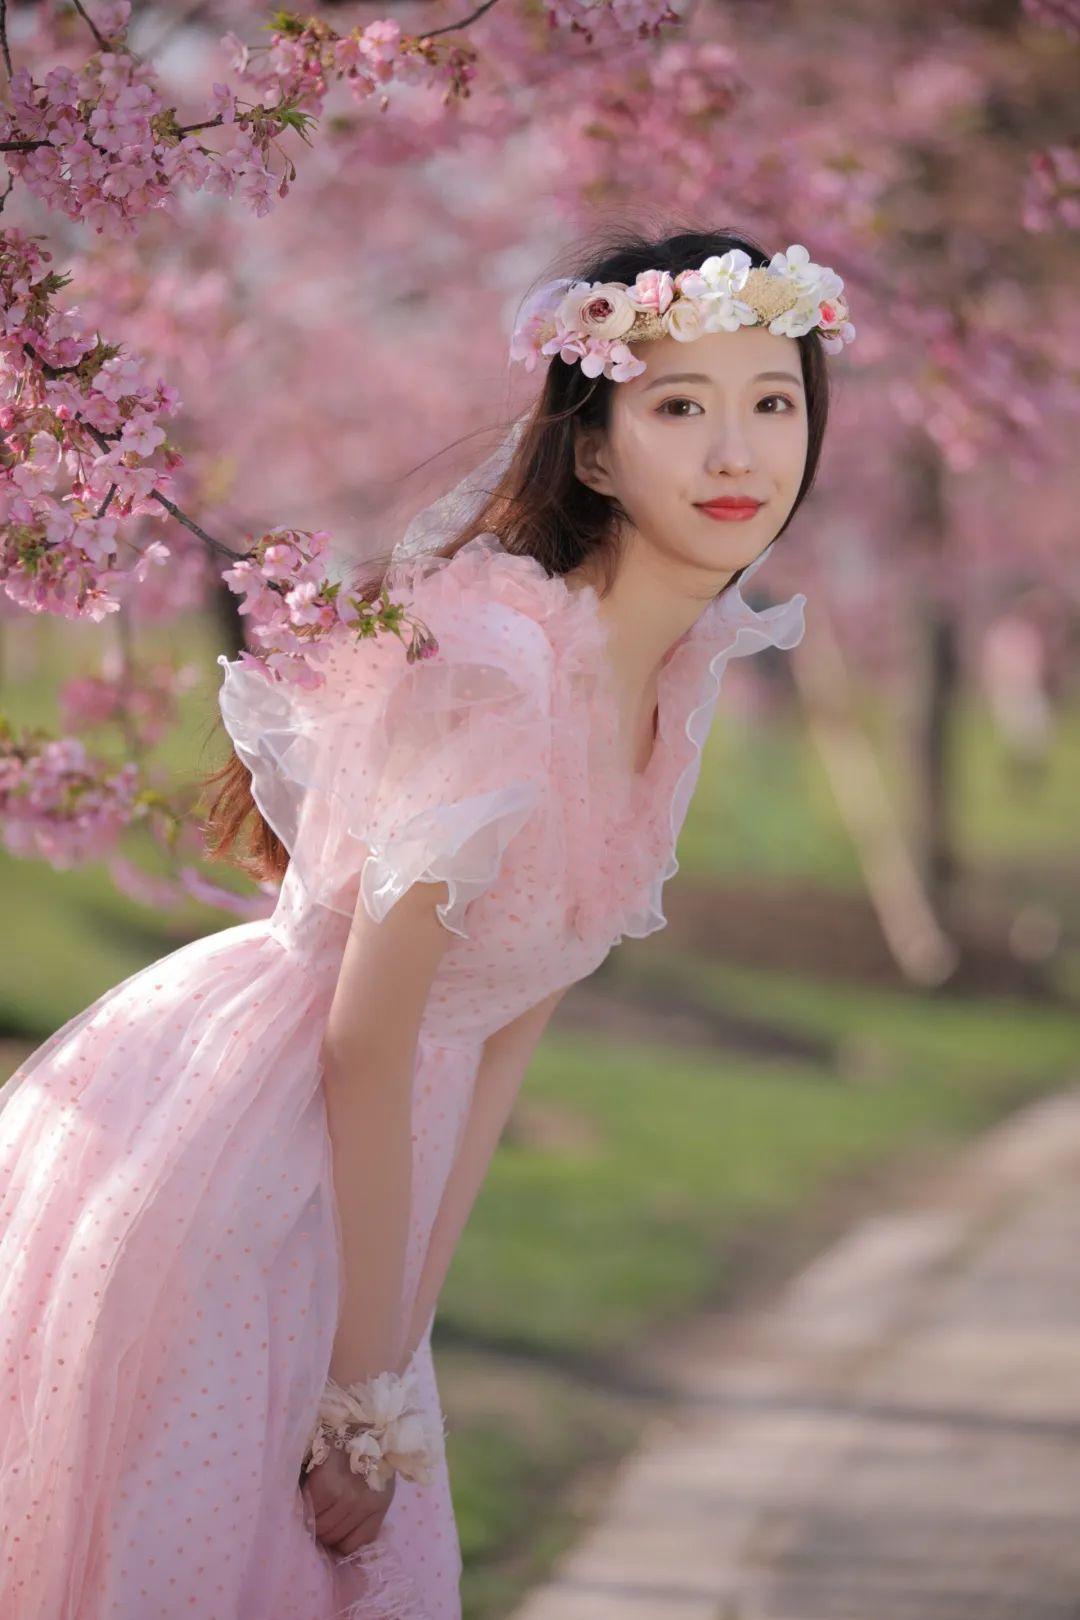 妹子摄影 – 粉粉的日系少女樱花树下写真_图片 No.36